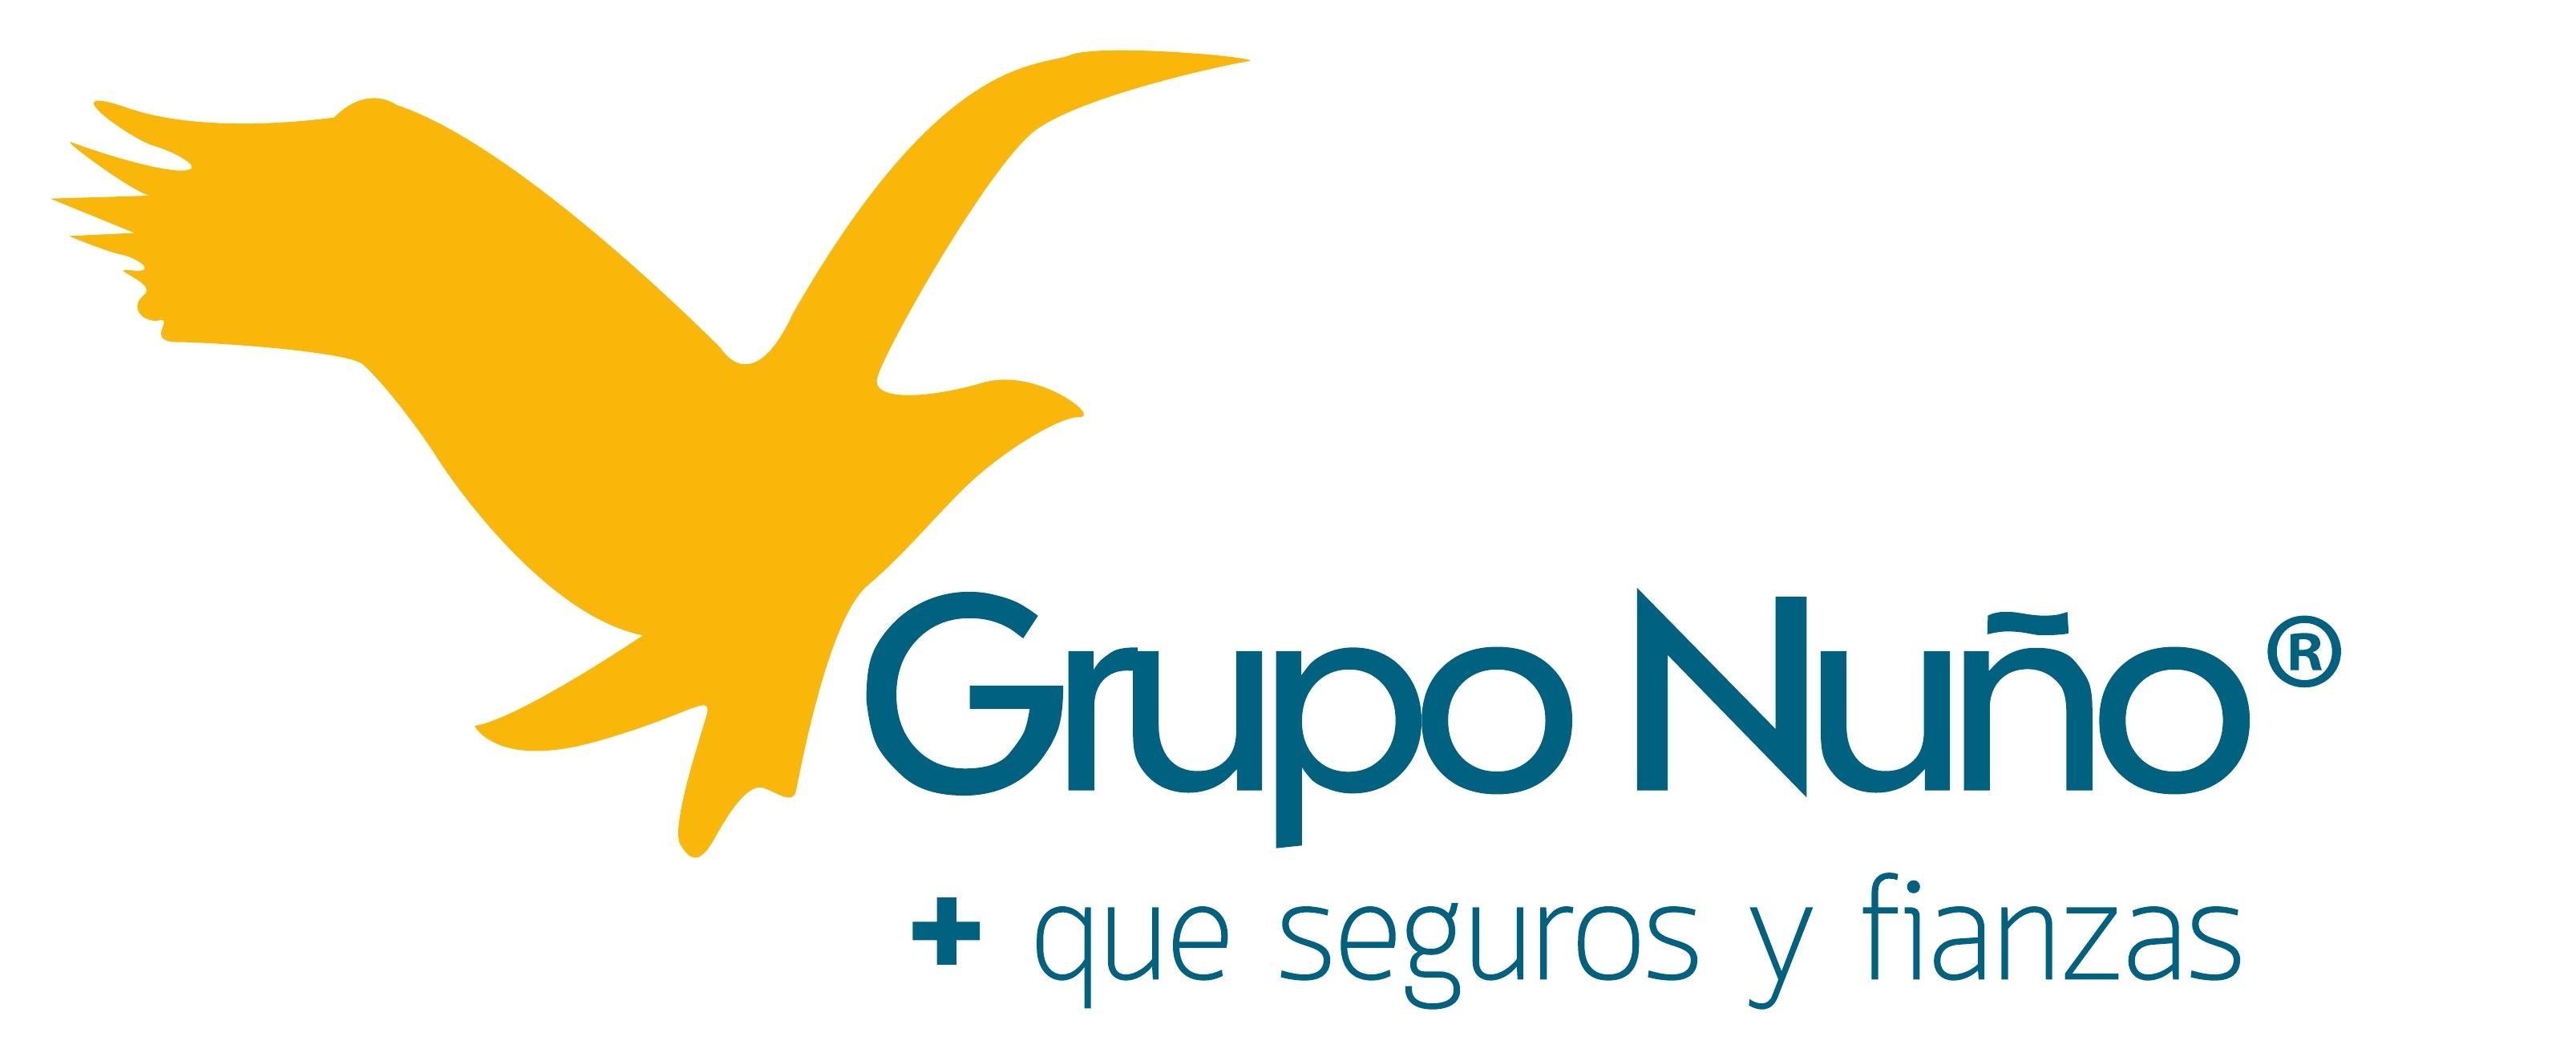 Grupo Nuño